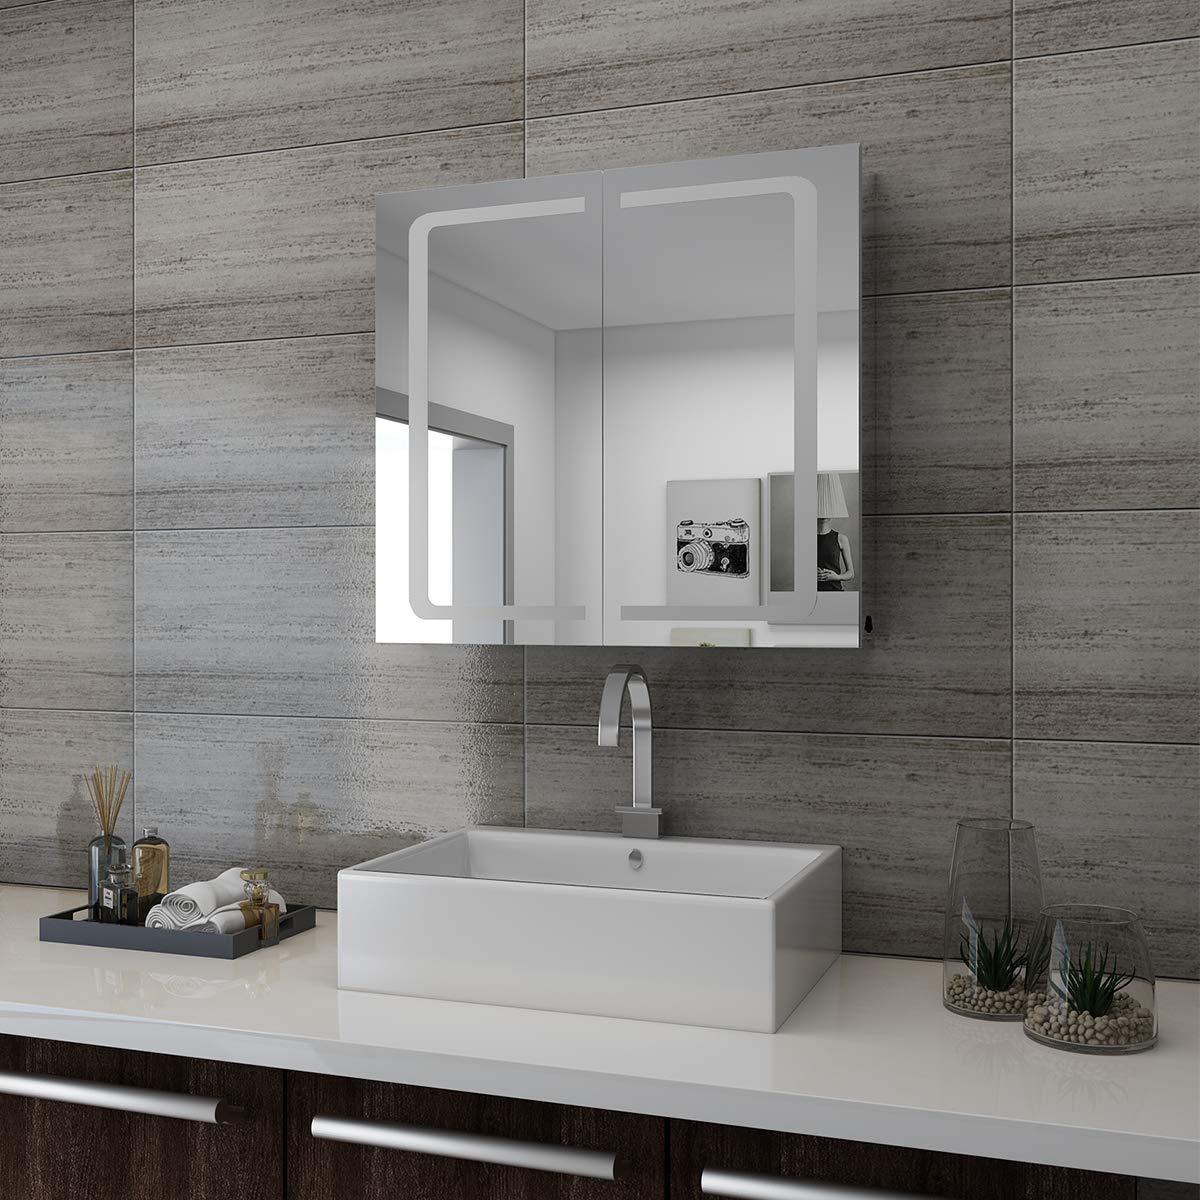 Sunnyshowers LED Spiegelschrank 2türig 70 x 65 x13cm Badezimmerspiegel wandschrank Badschrank mit Beleuchtung mit Steckdose